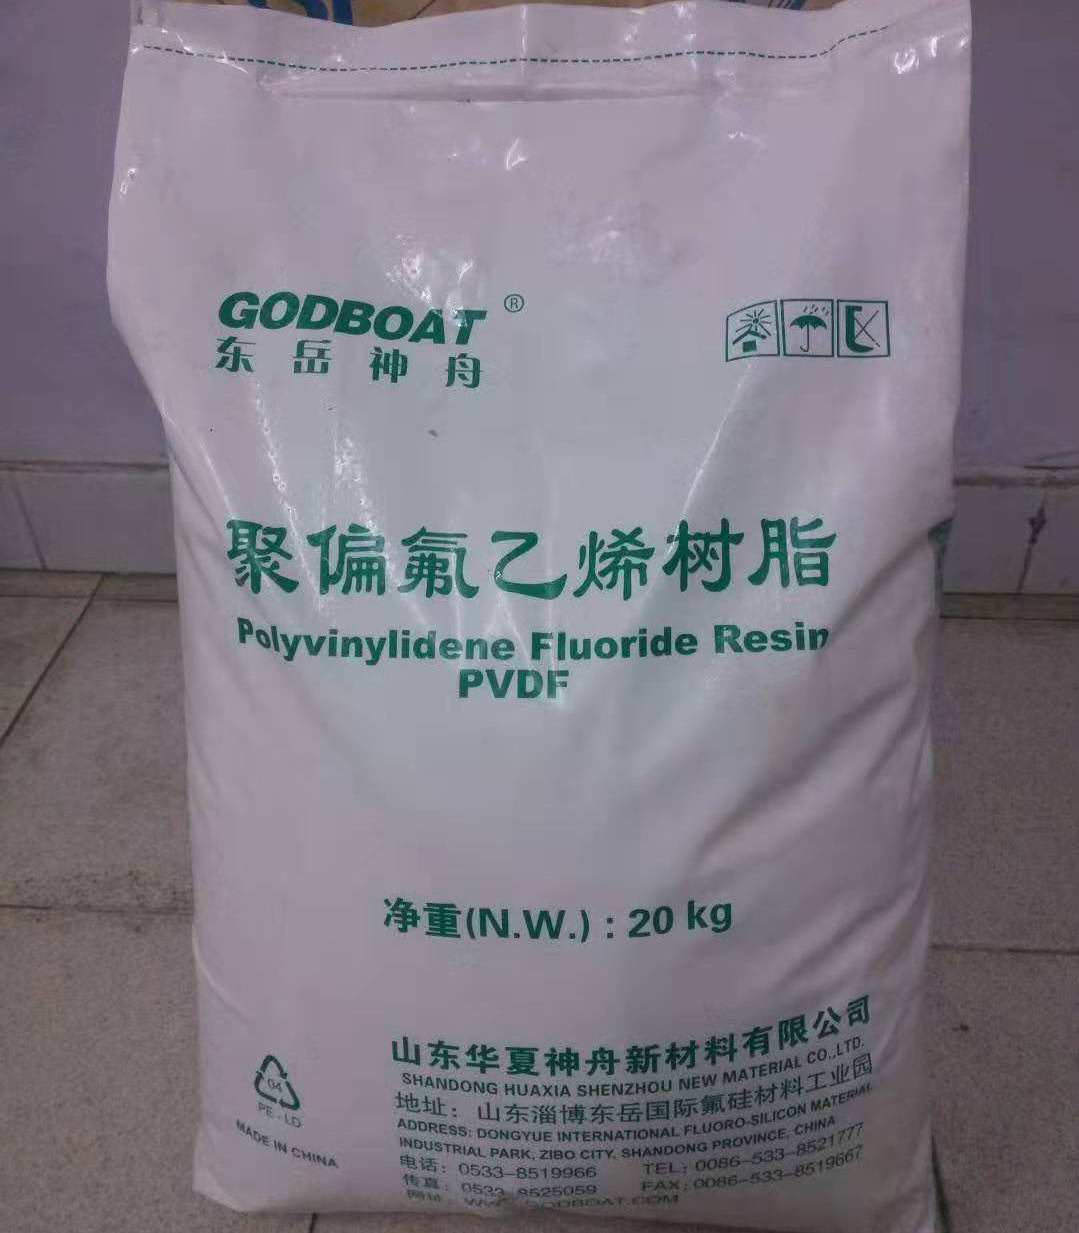 山東華夏神舟注塑擠出用PVDF氟樹脂DS206